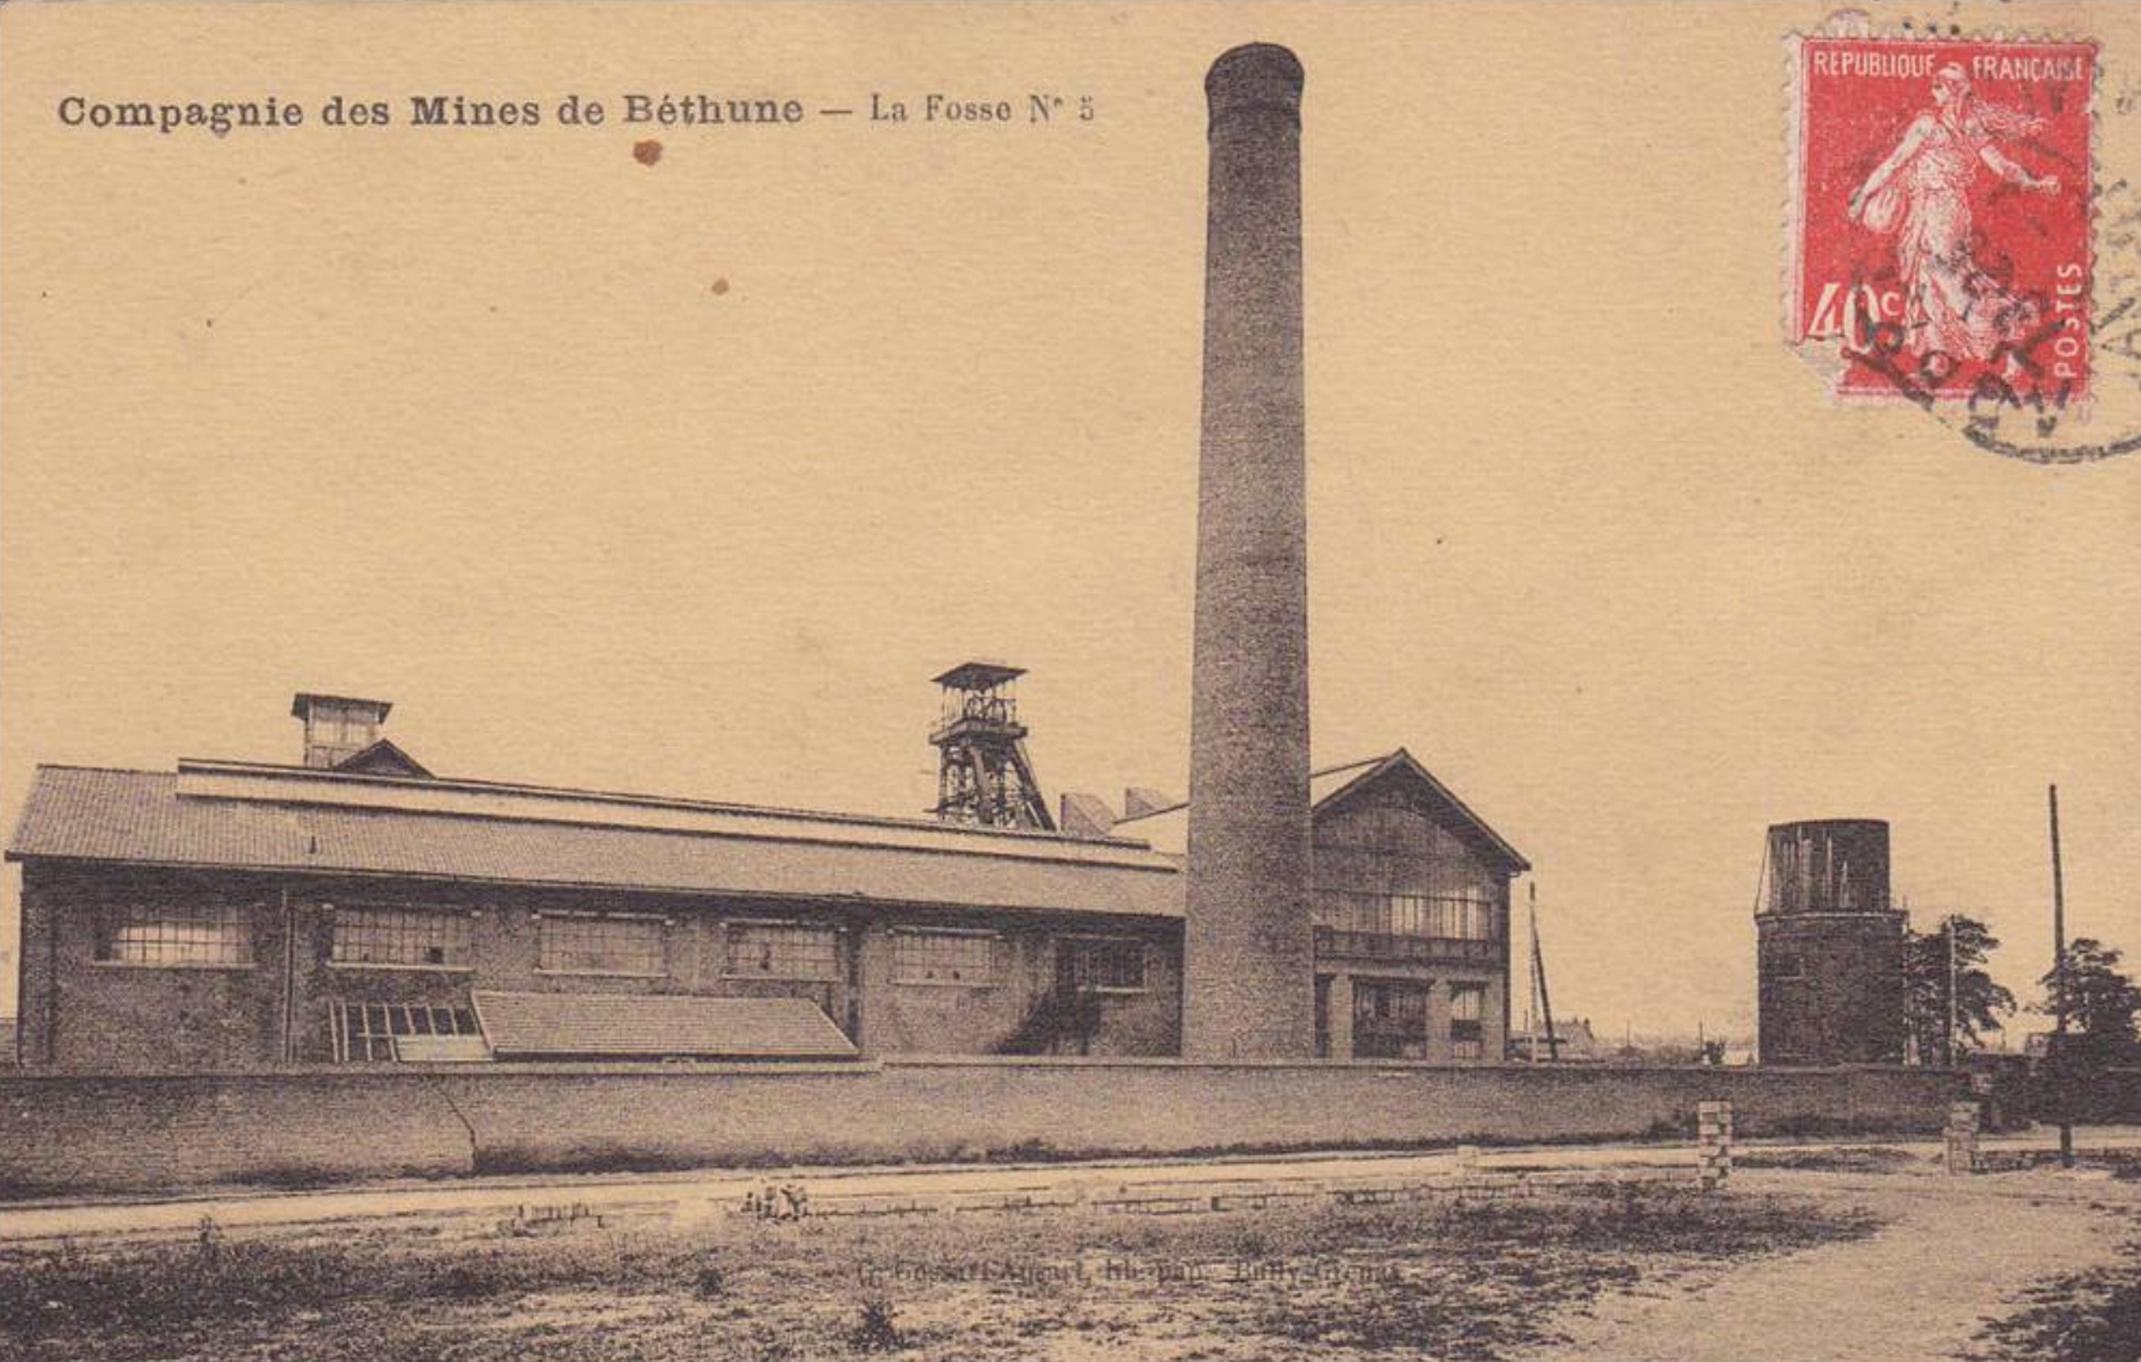 La fosse no5 - 5 bis vers 1927.